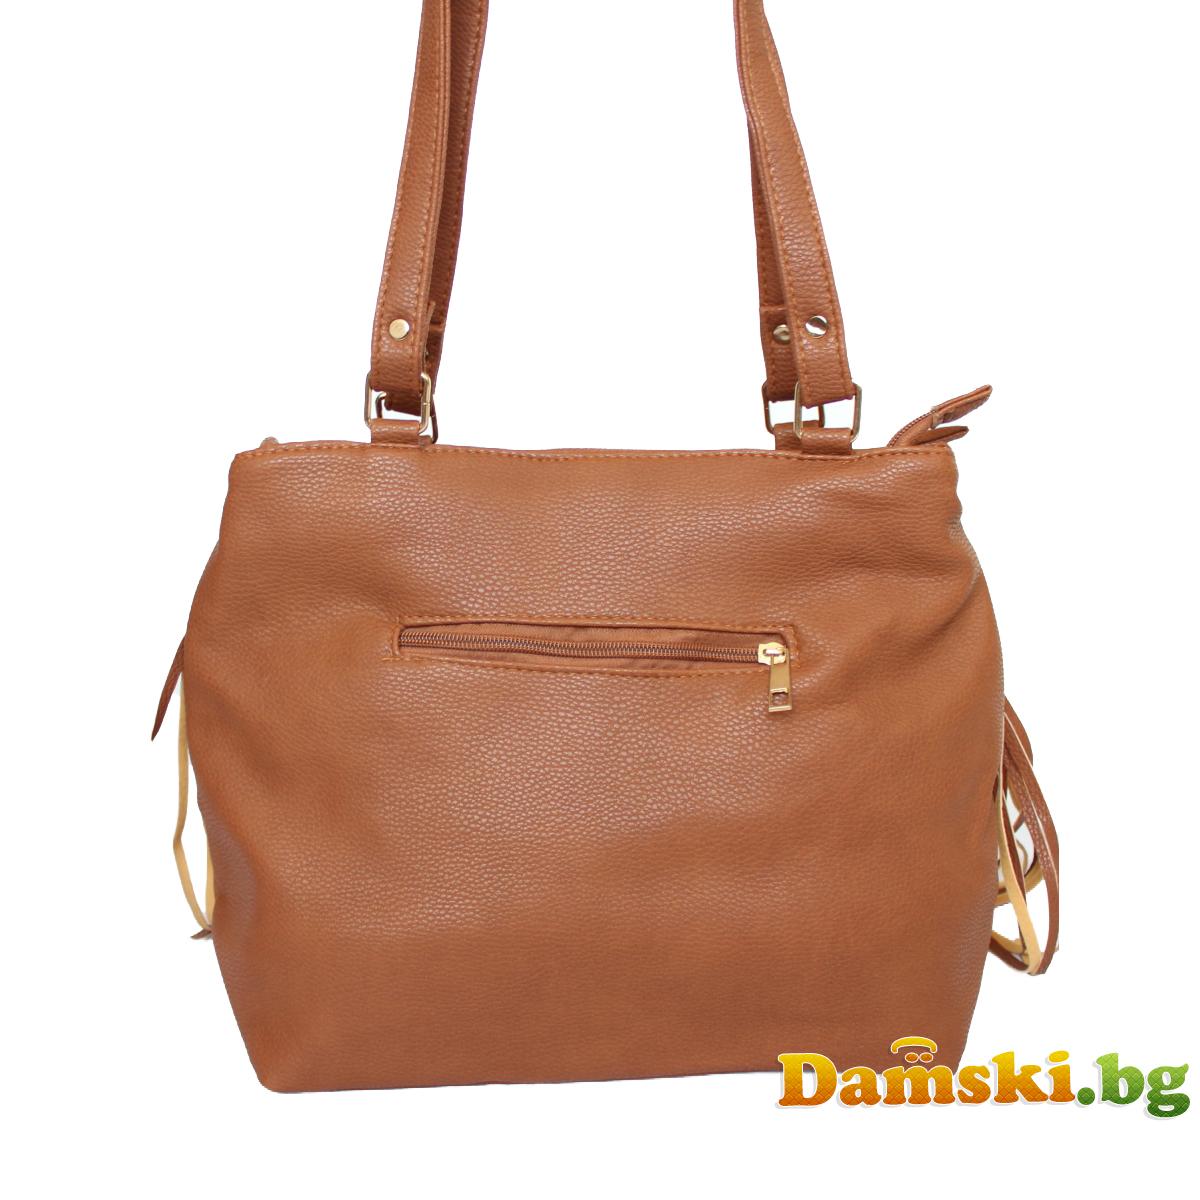 Дамска чанта Стейси с ресни - кафява Снимка 2 от 3